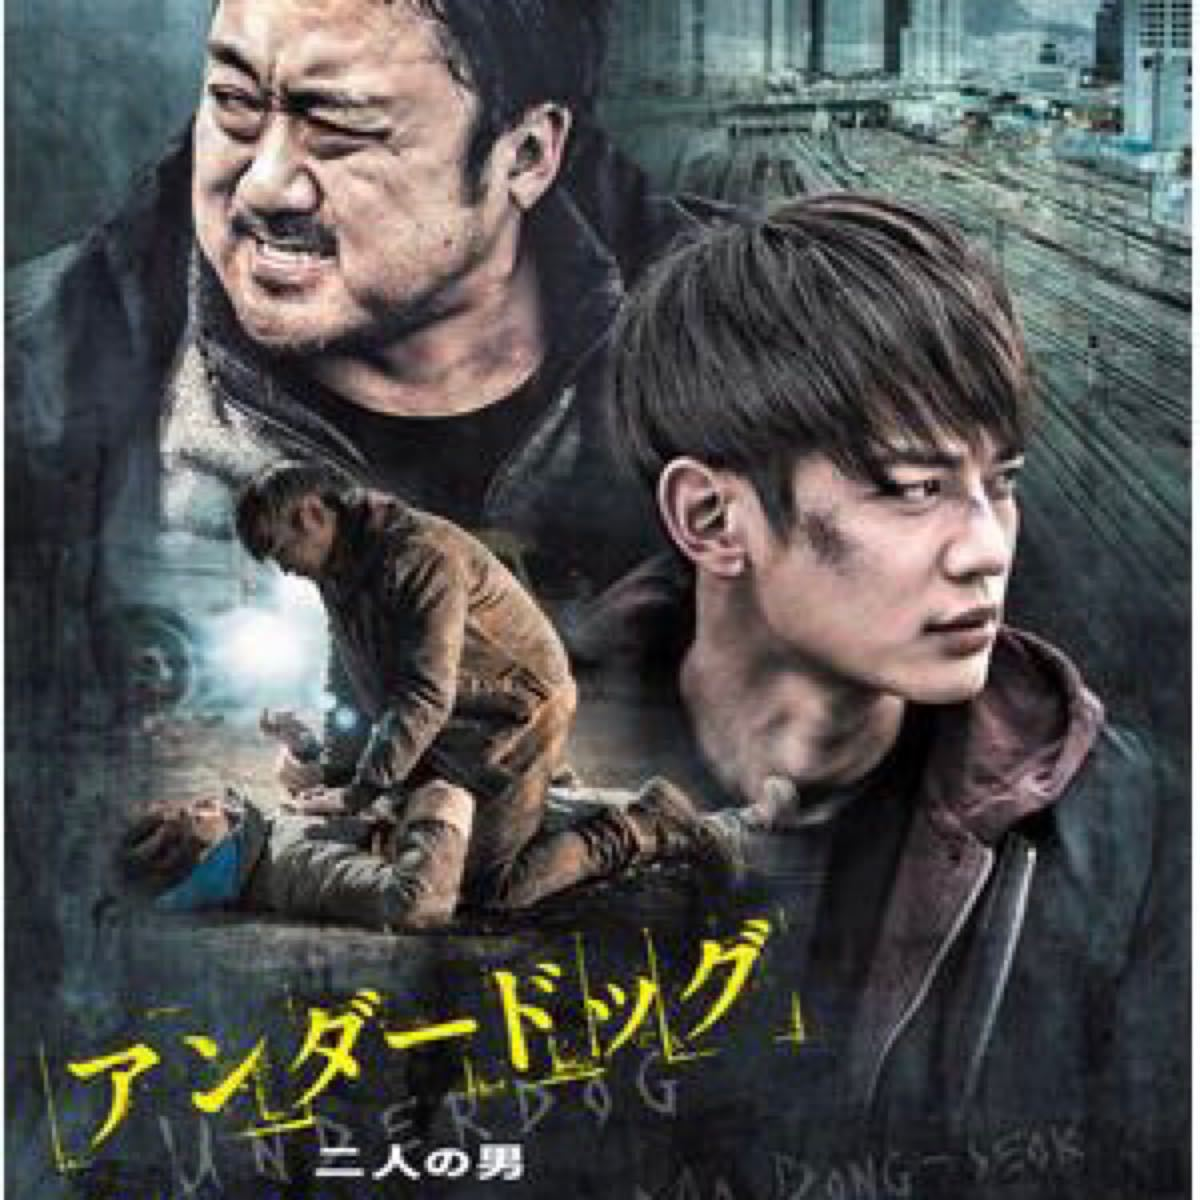 韓国映画  アンダードッグ  二人の男  マ・ドンソク  ミンホ SHINee  DVD  レーベル有り